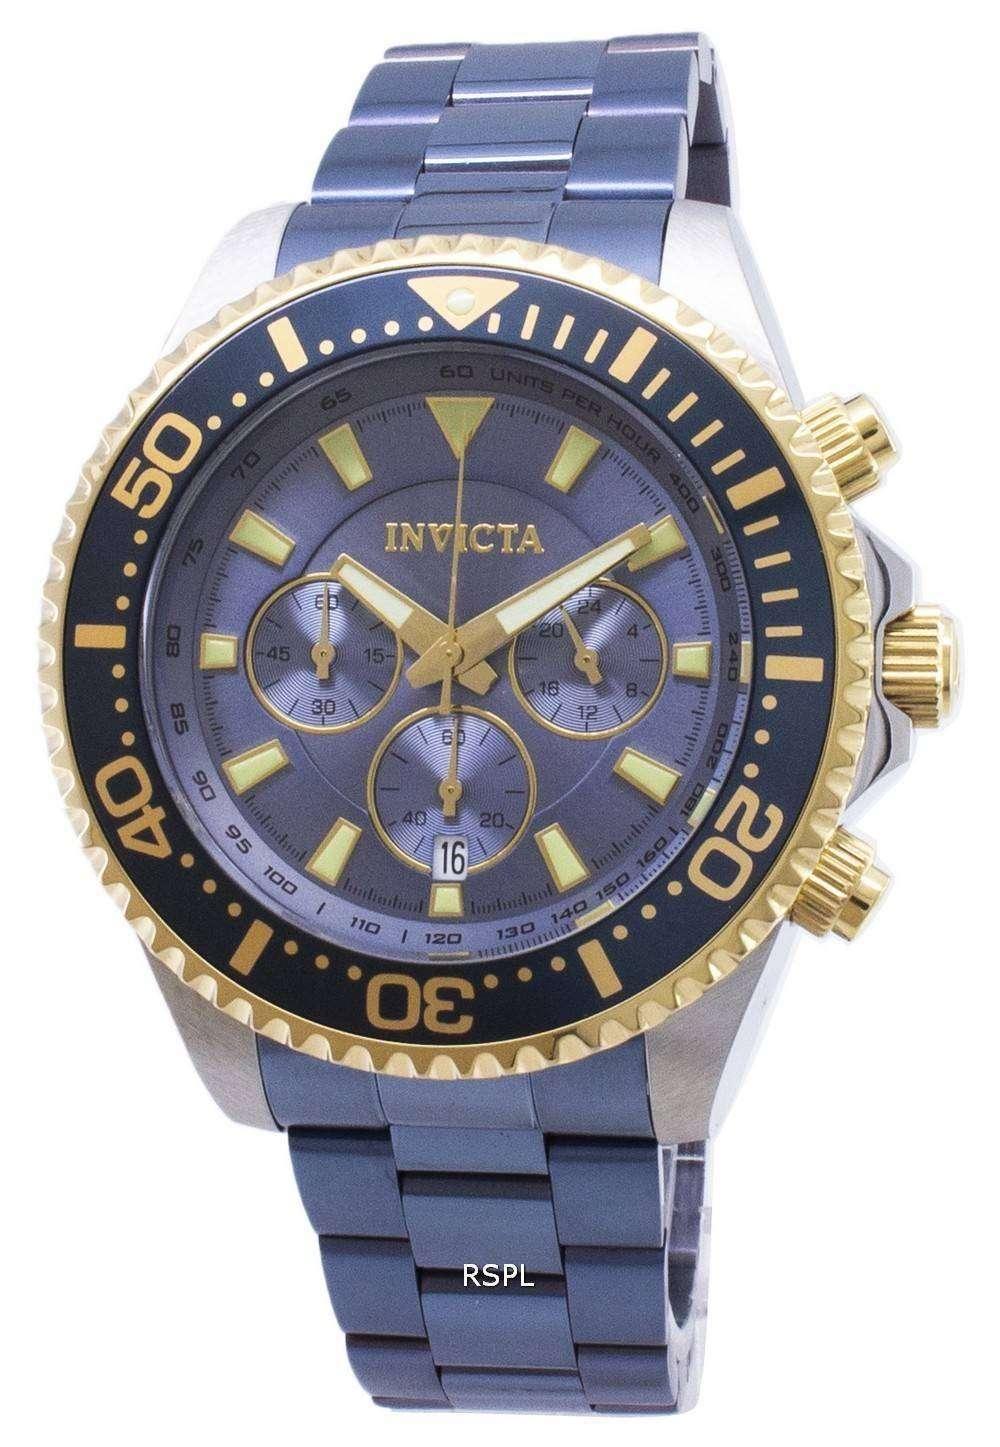 インビクタ Pro 27482 ダイバー クロノグラフ クォーツ 200 M メンズ腕時計